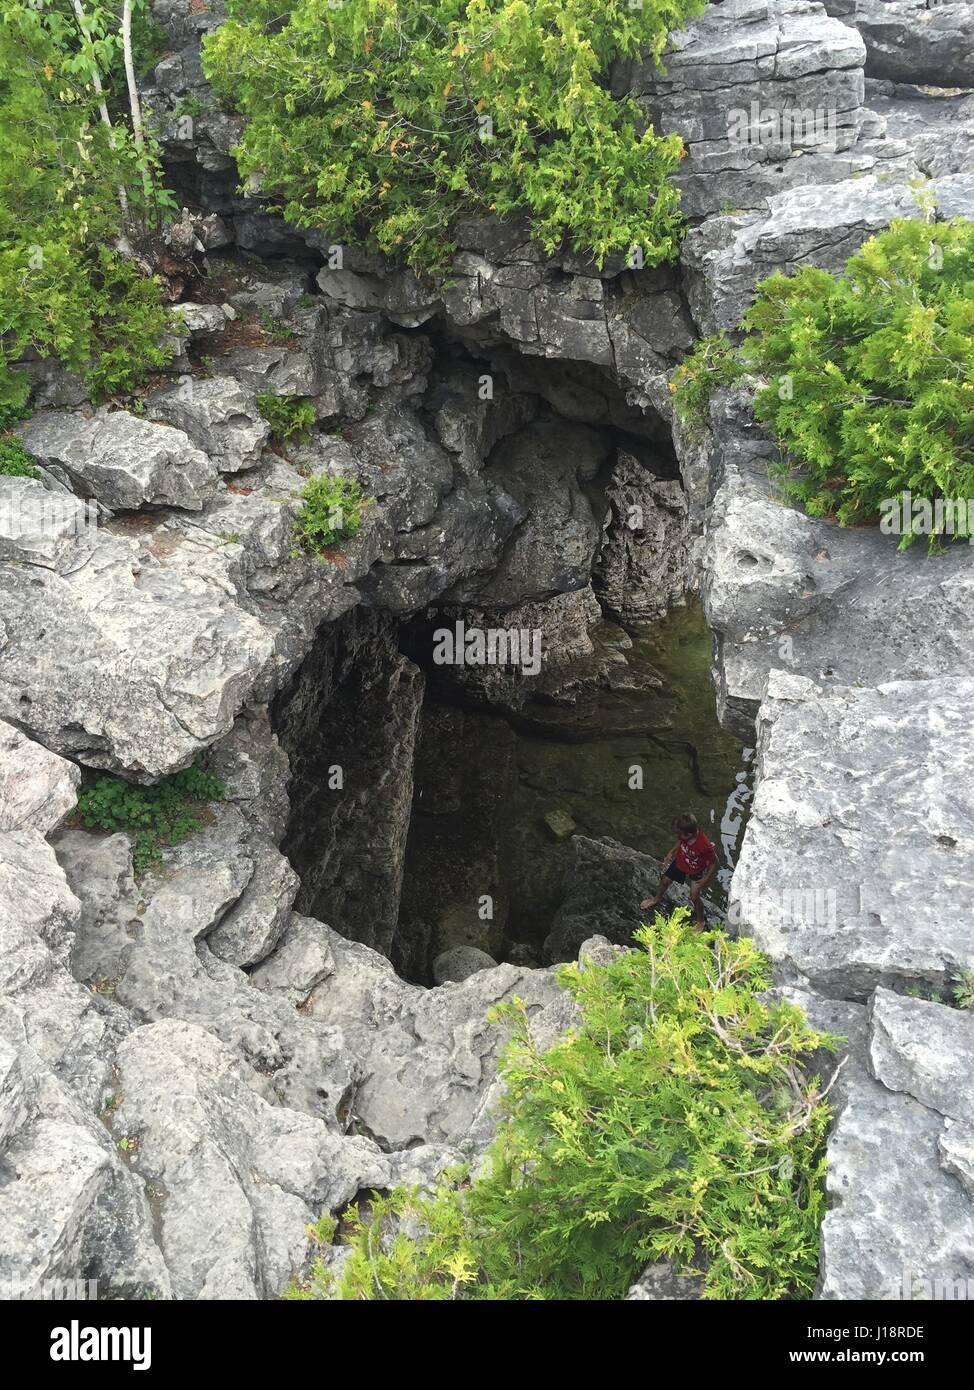 The Grotto Ontario Stock Photos & The Grotto Ontario Stock